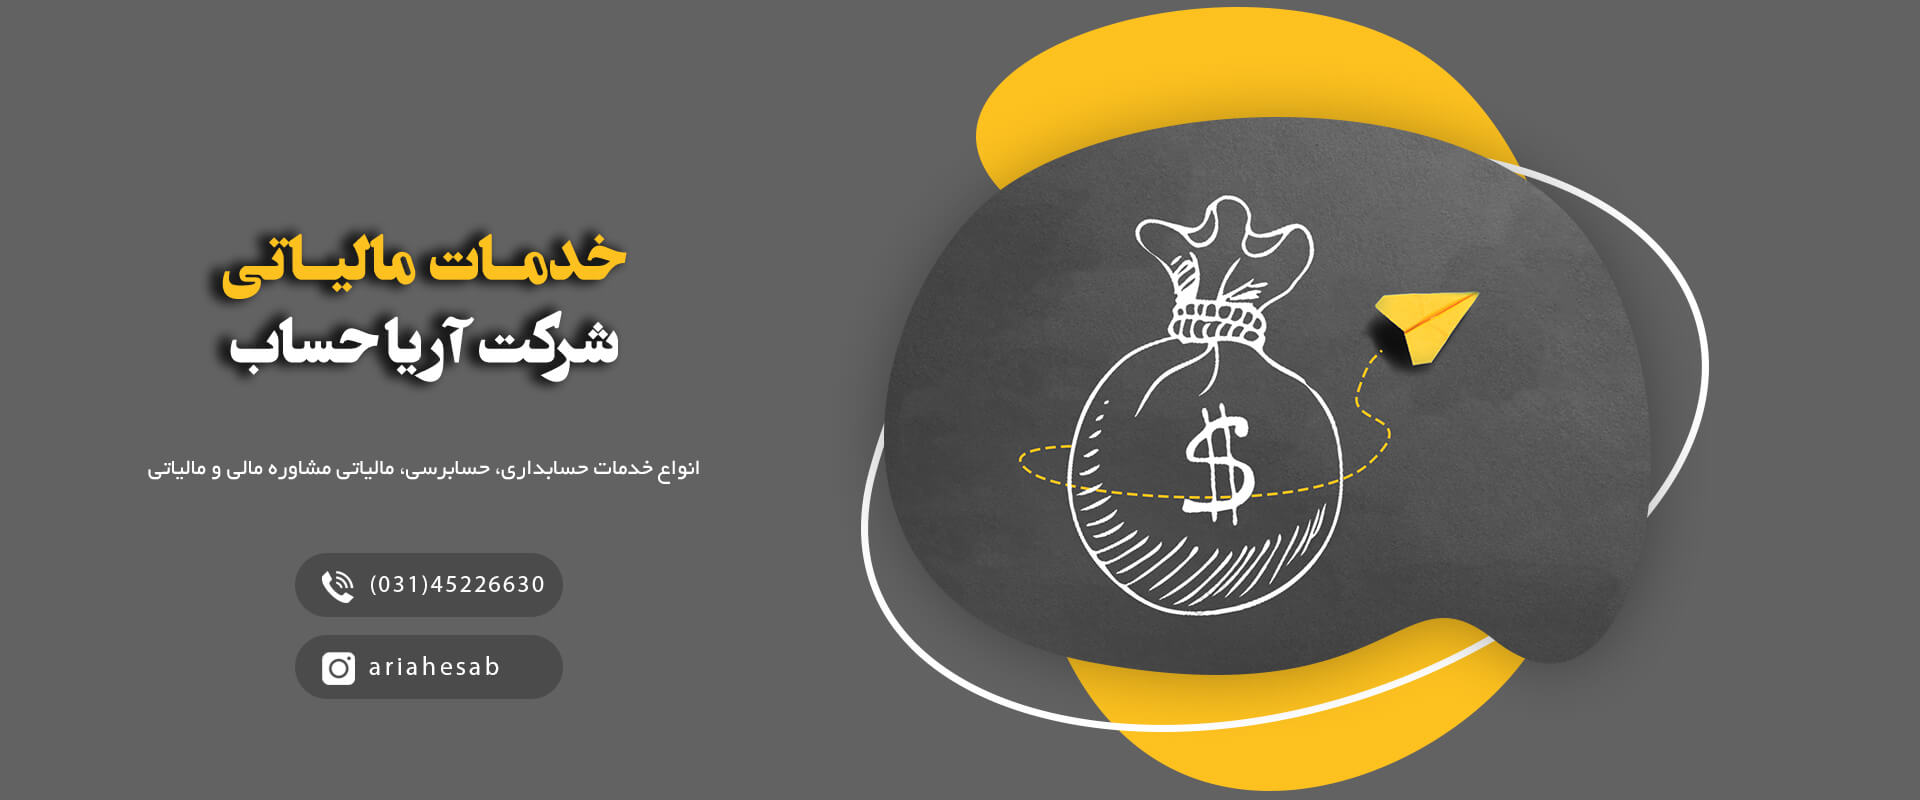 خدمات مالیاتی در اصفهان